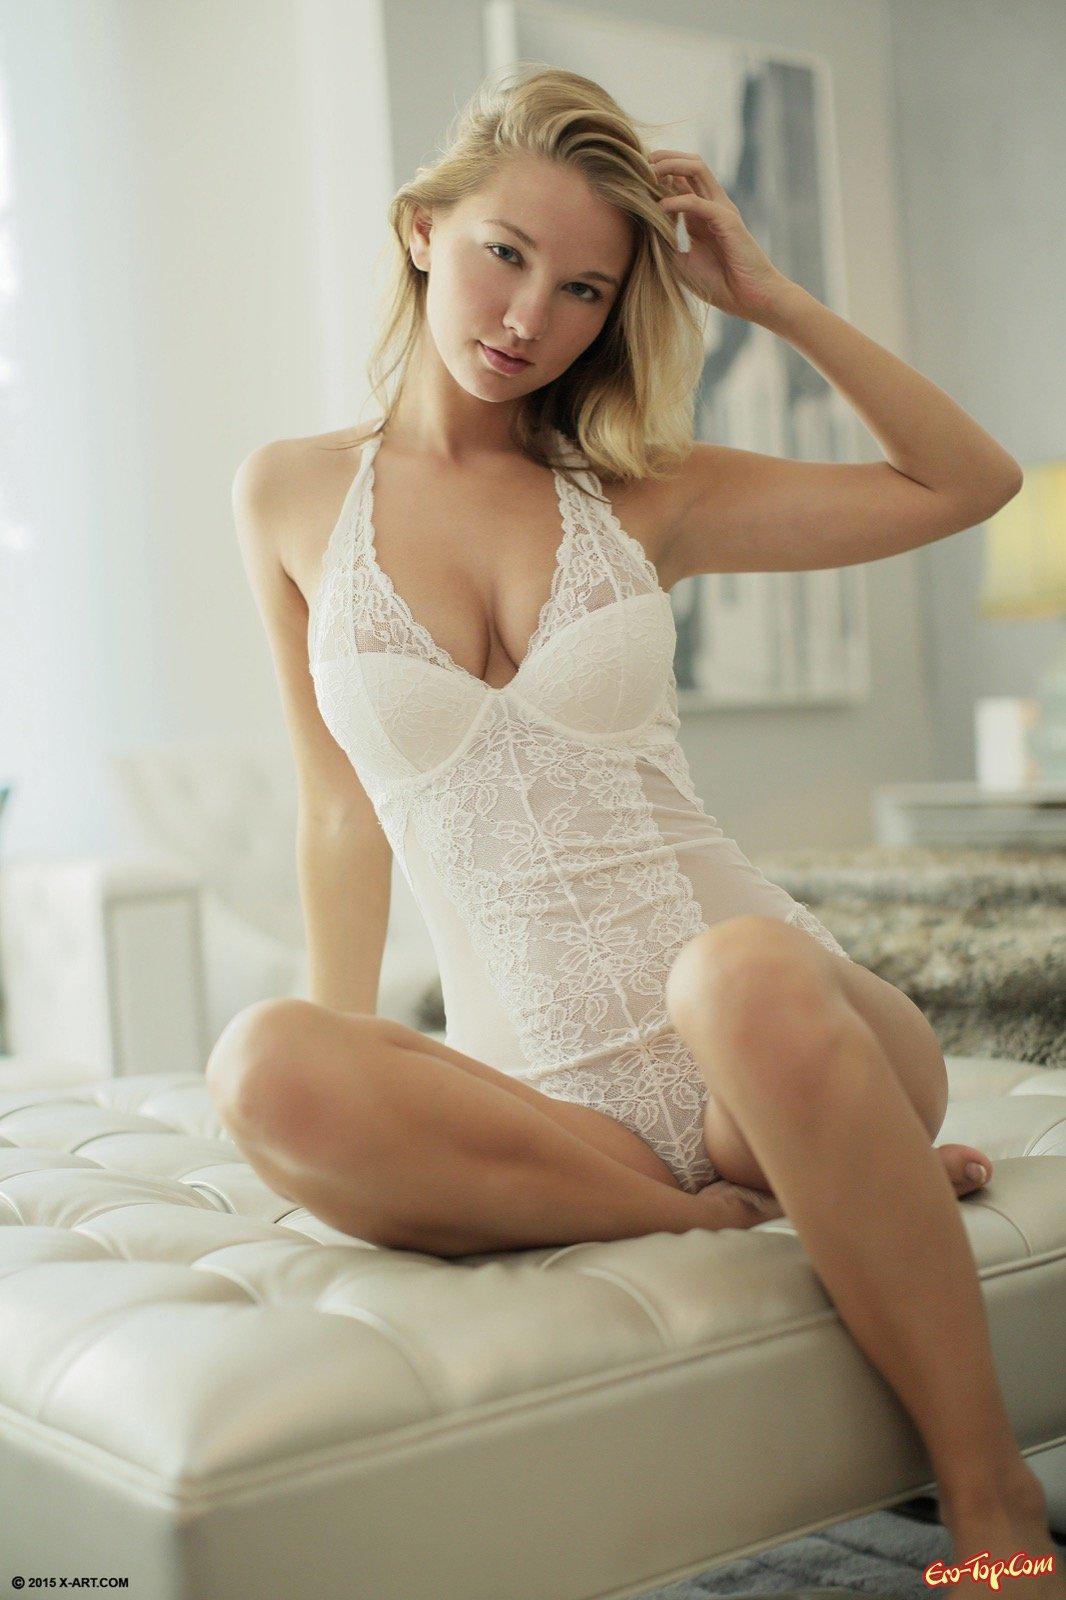 Светловолосая красотка с сексуальным телом на диване